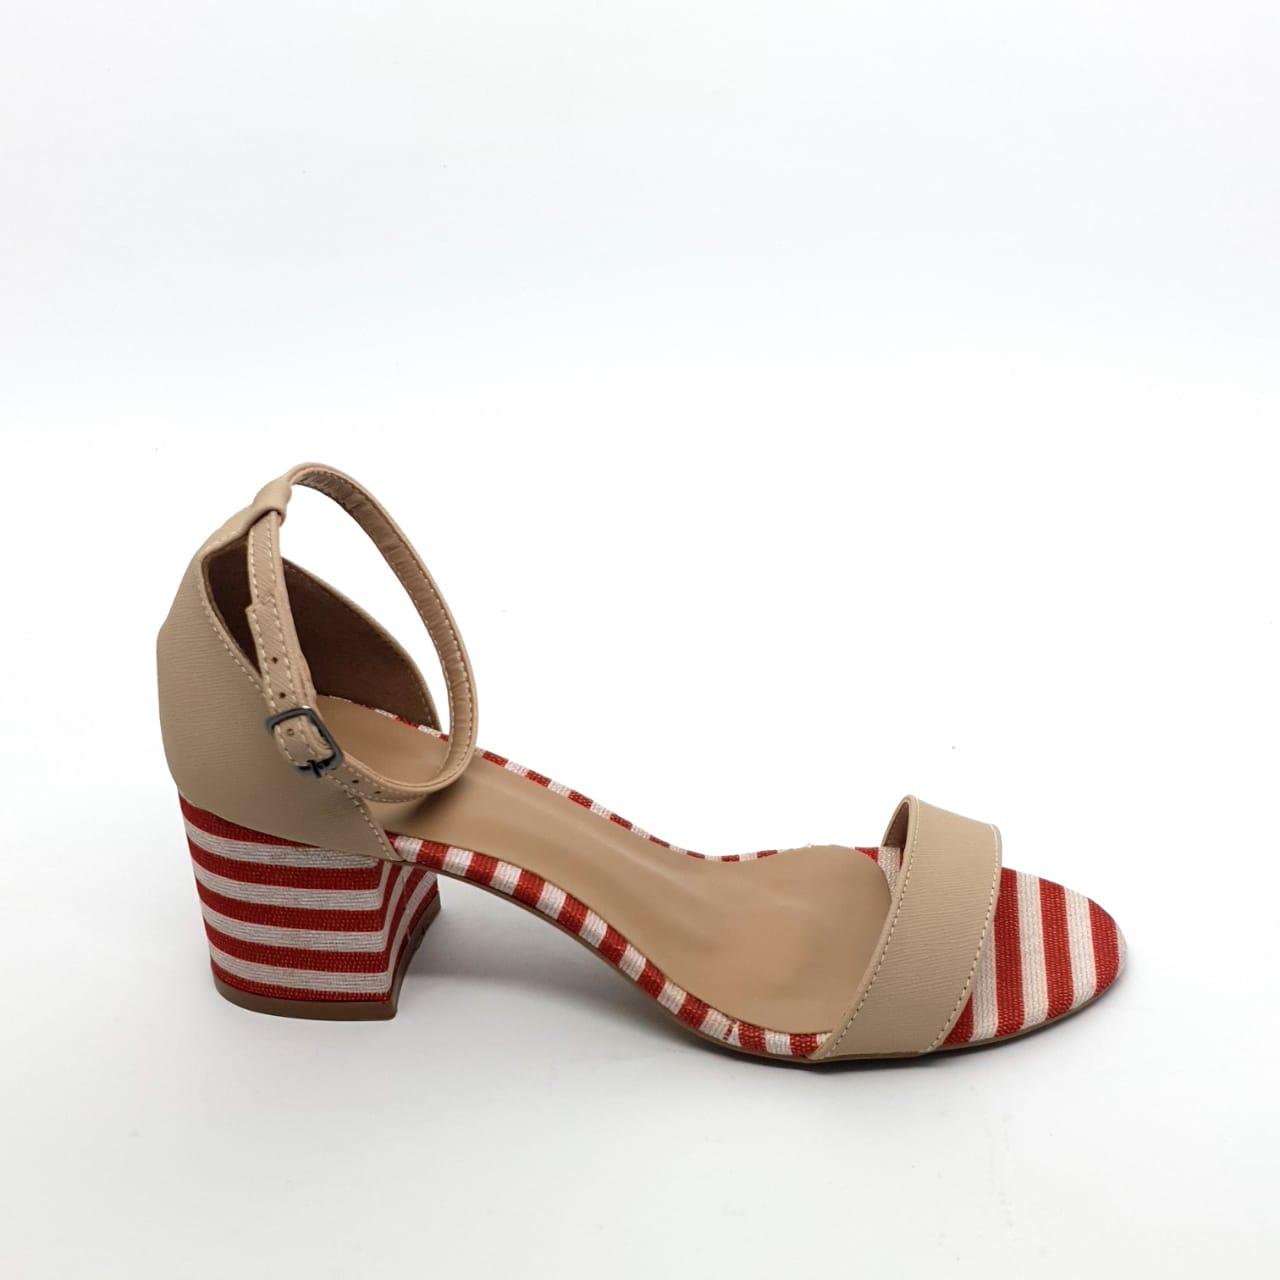 Sandalia Nude com listras vermelha